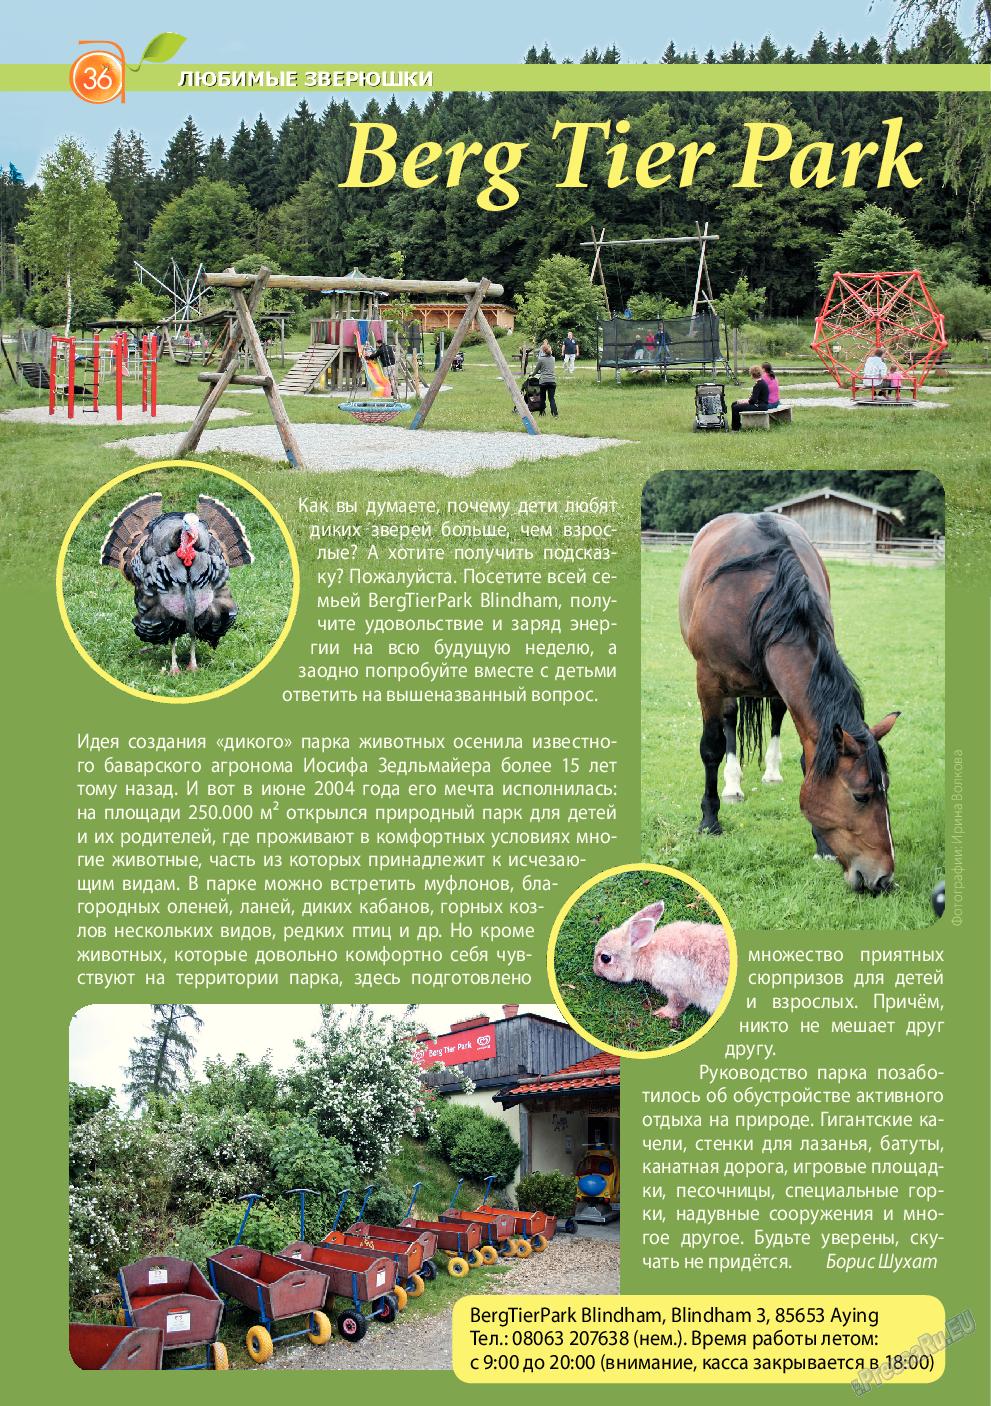 Апельсин (журнал). 2014 год, номер 61, стр. 36